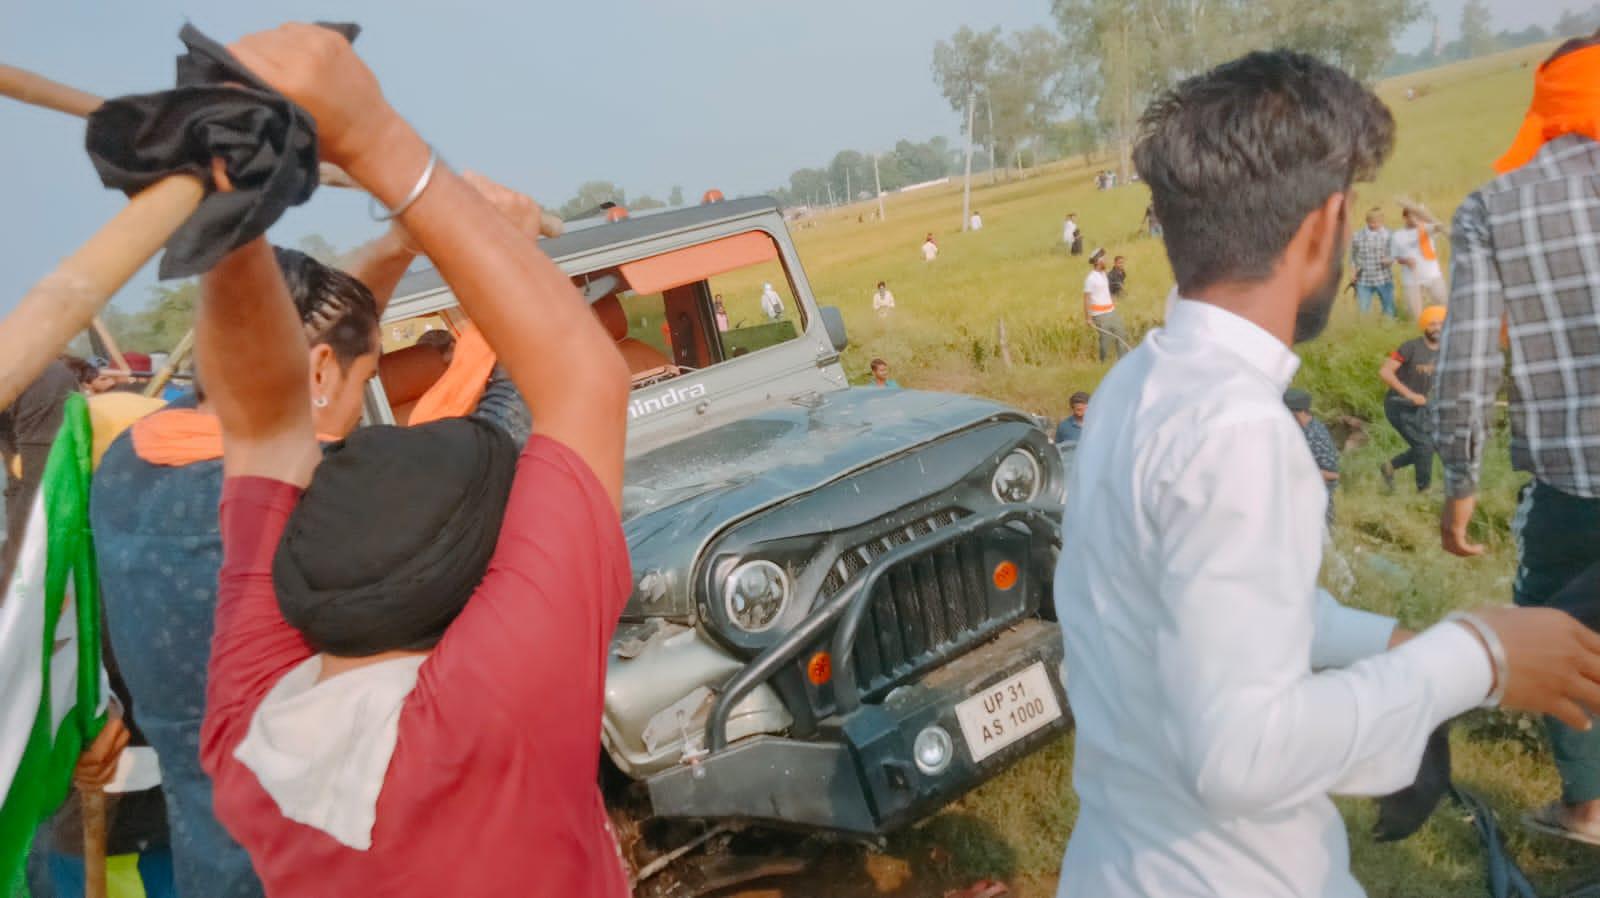 केंद्रीय मंत्री अजय मिश्र के बेटे आशीष की गाड़ी तोड़ते हुए गुस्साए किसान।